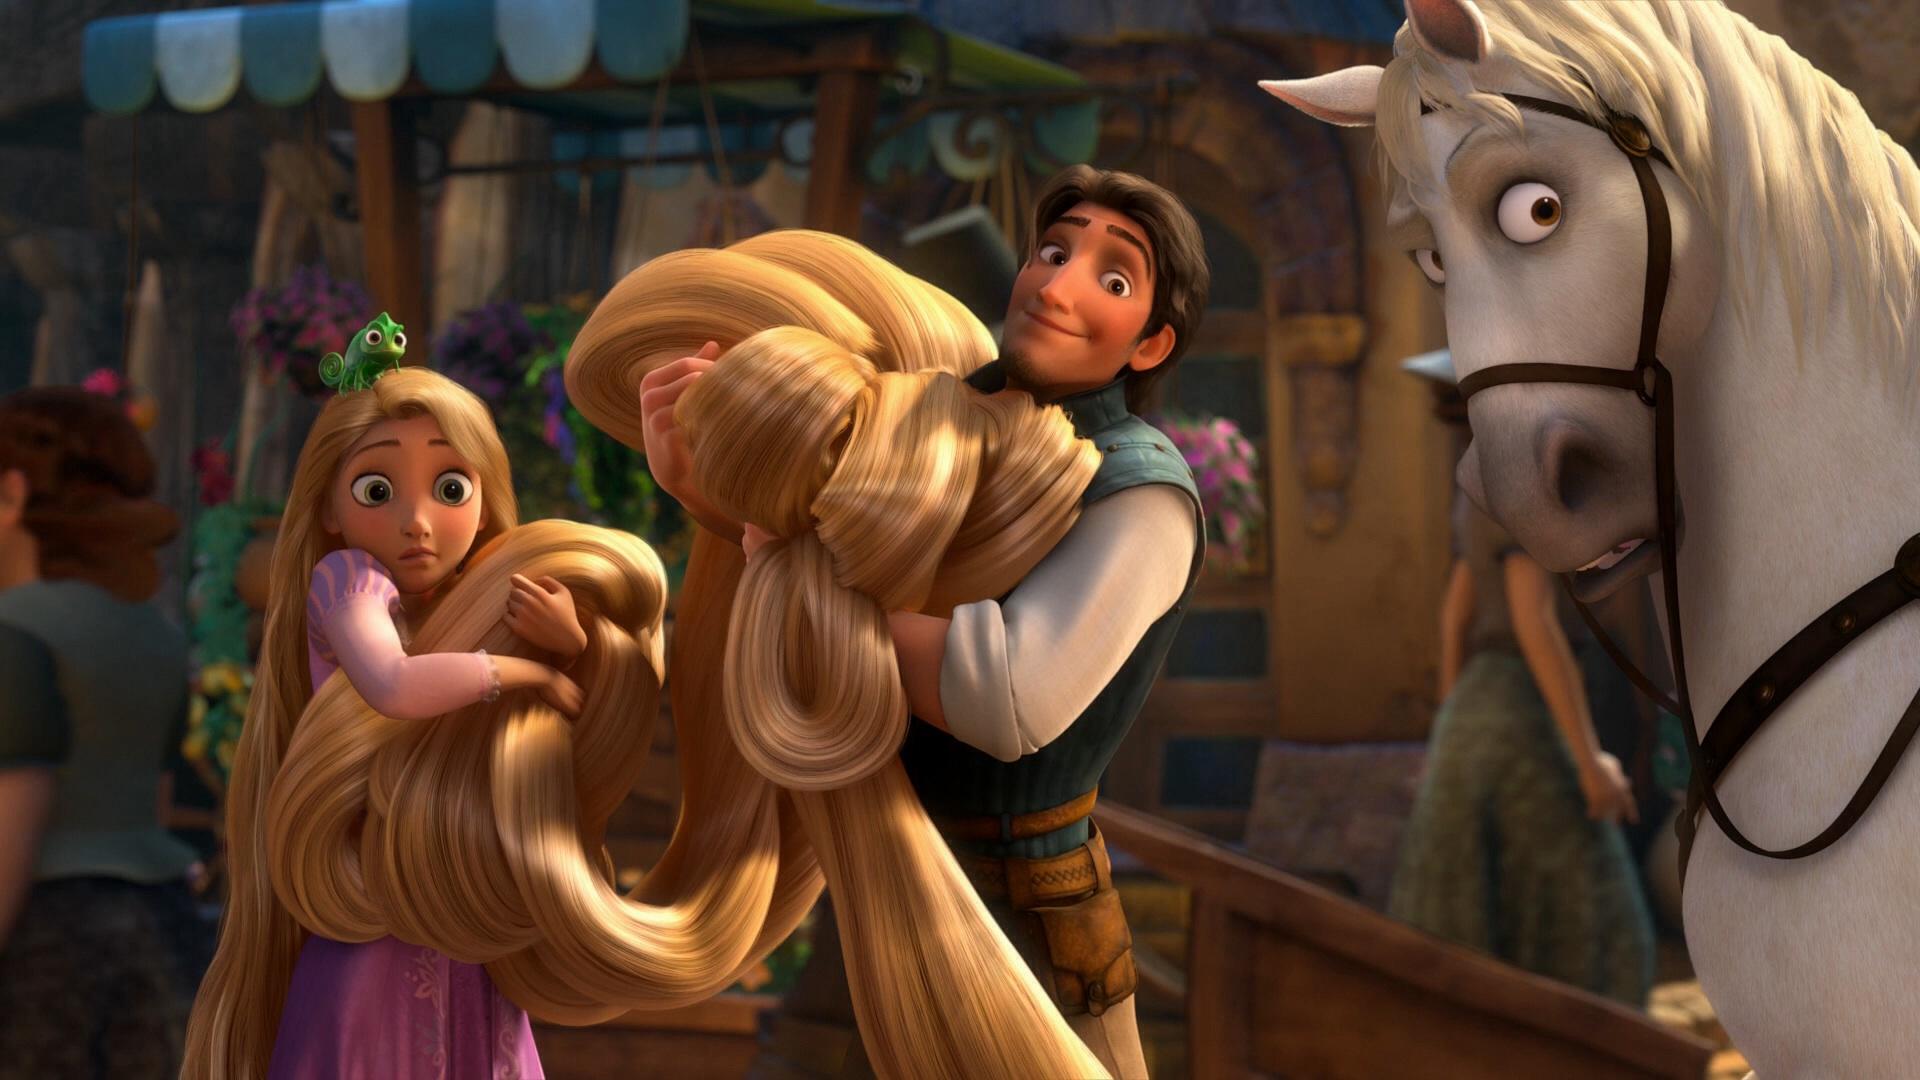 Tangled Rapunzel Tangled Foto 36733504 Fanpop